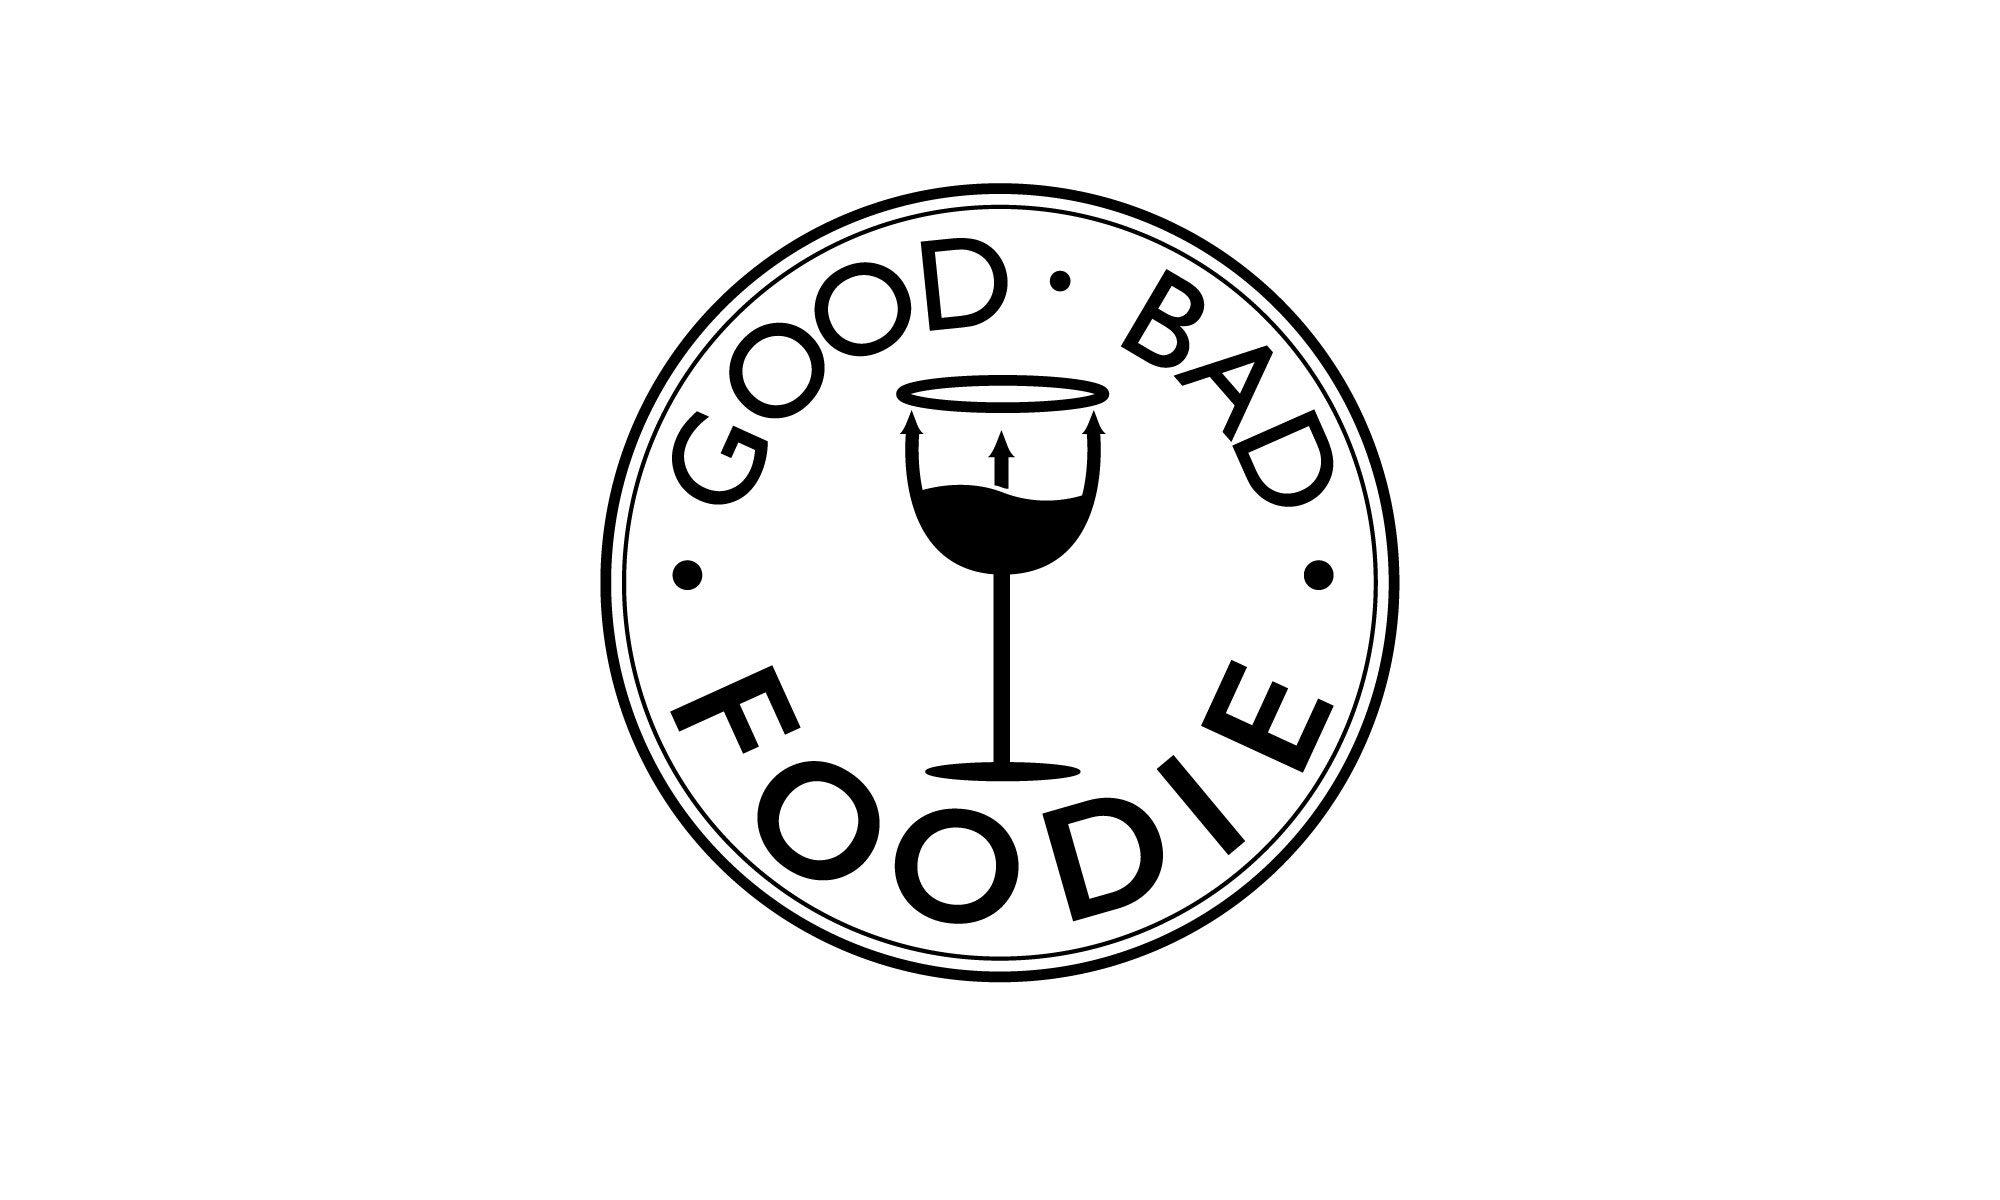 Good Bad Foodie